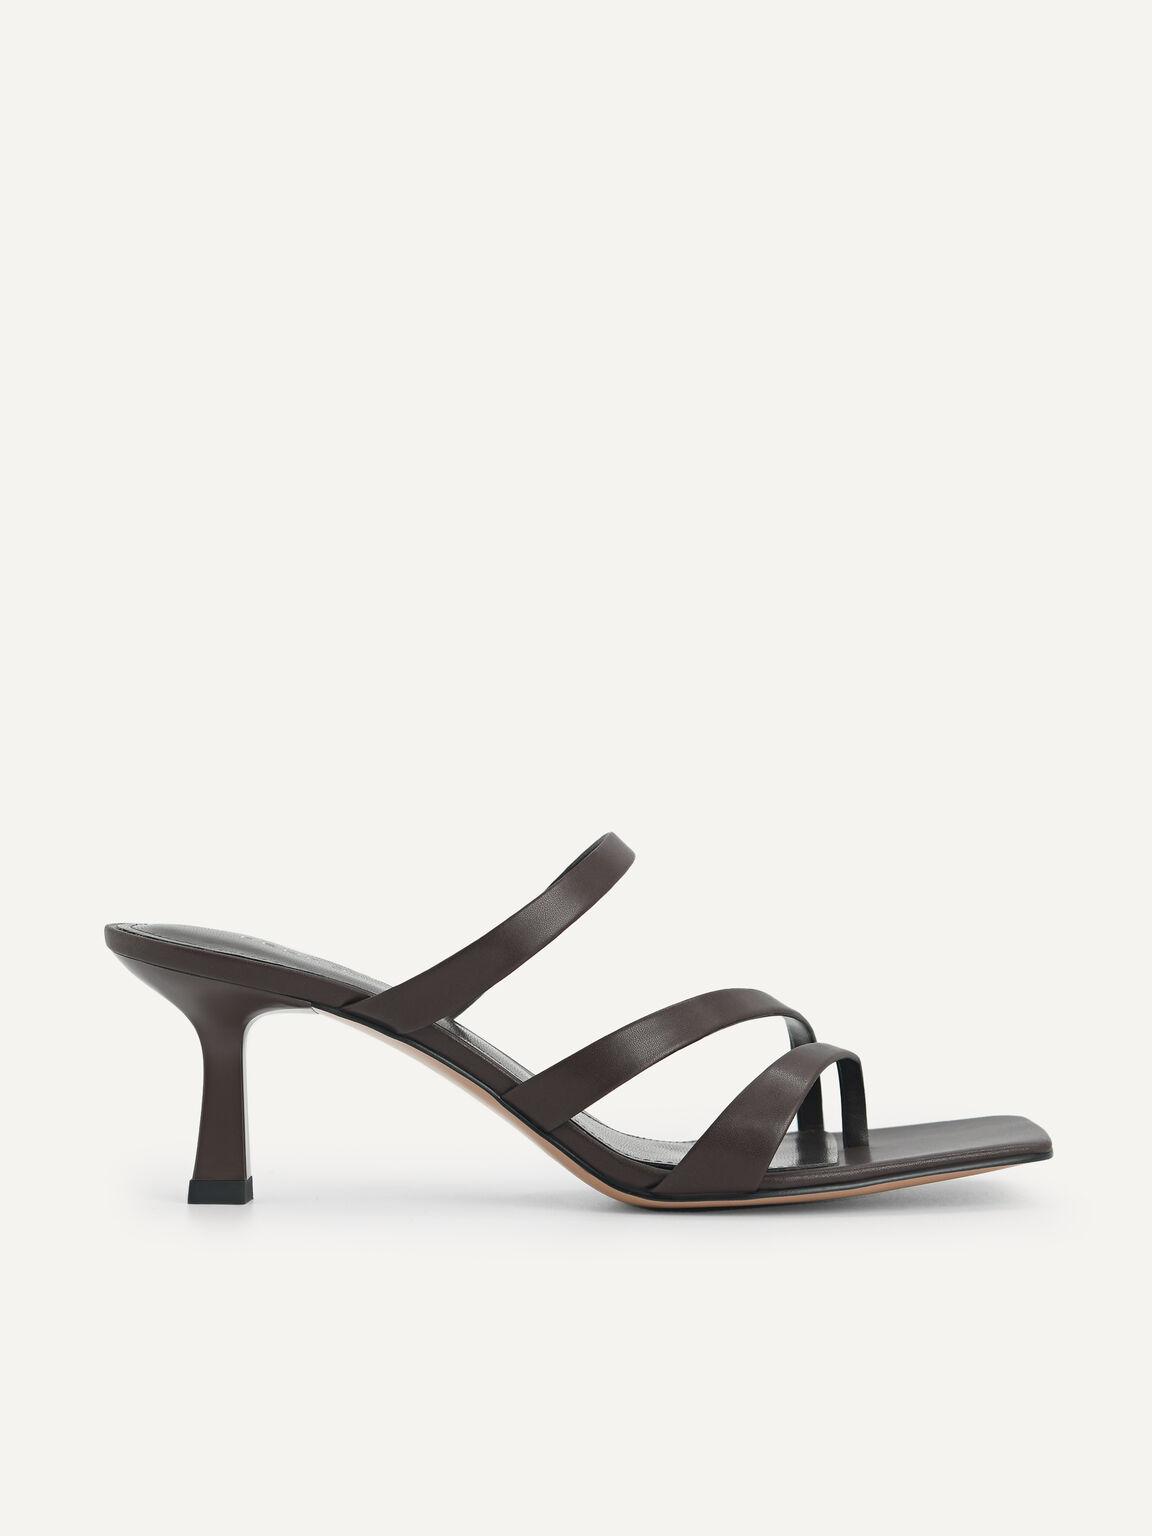 Strappy Heeled Sandals, Dark Brown, hi-res